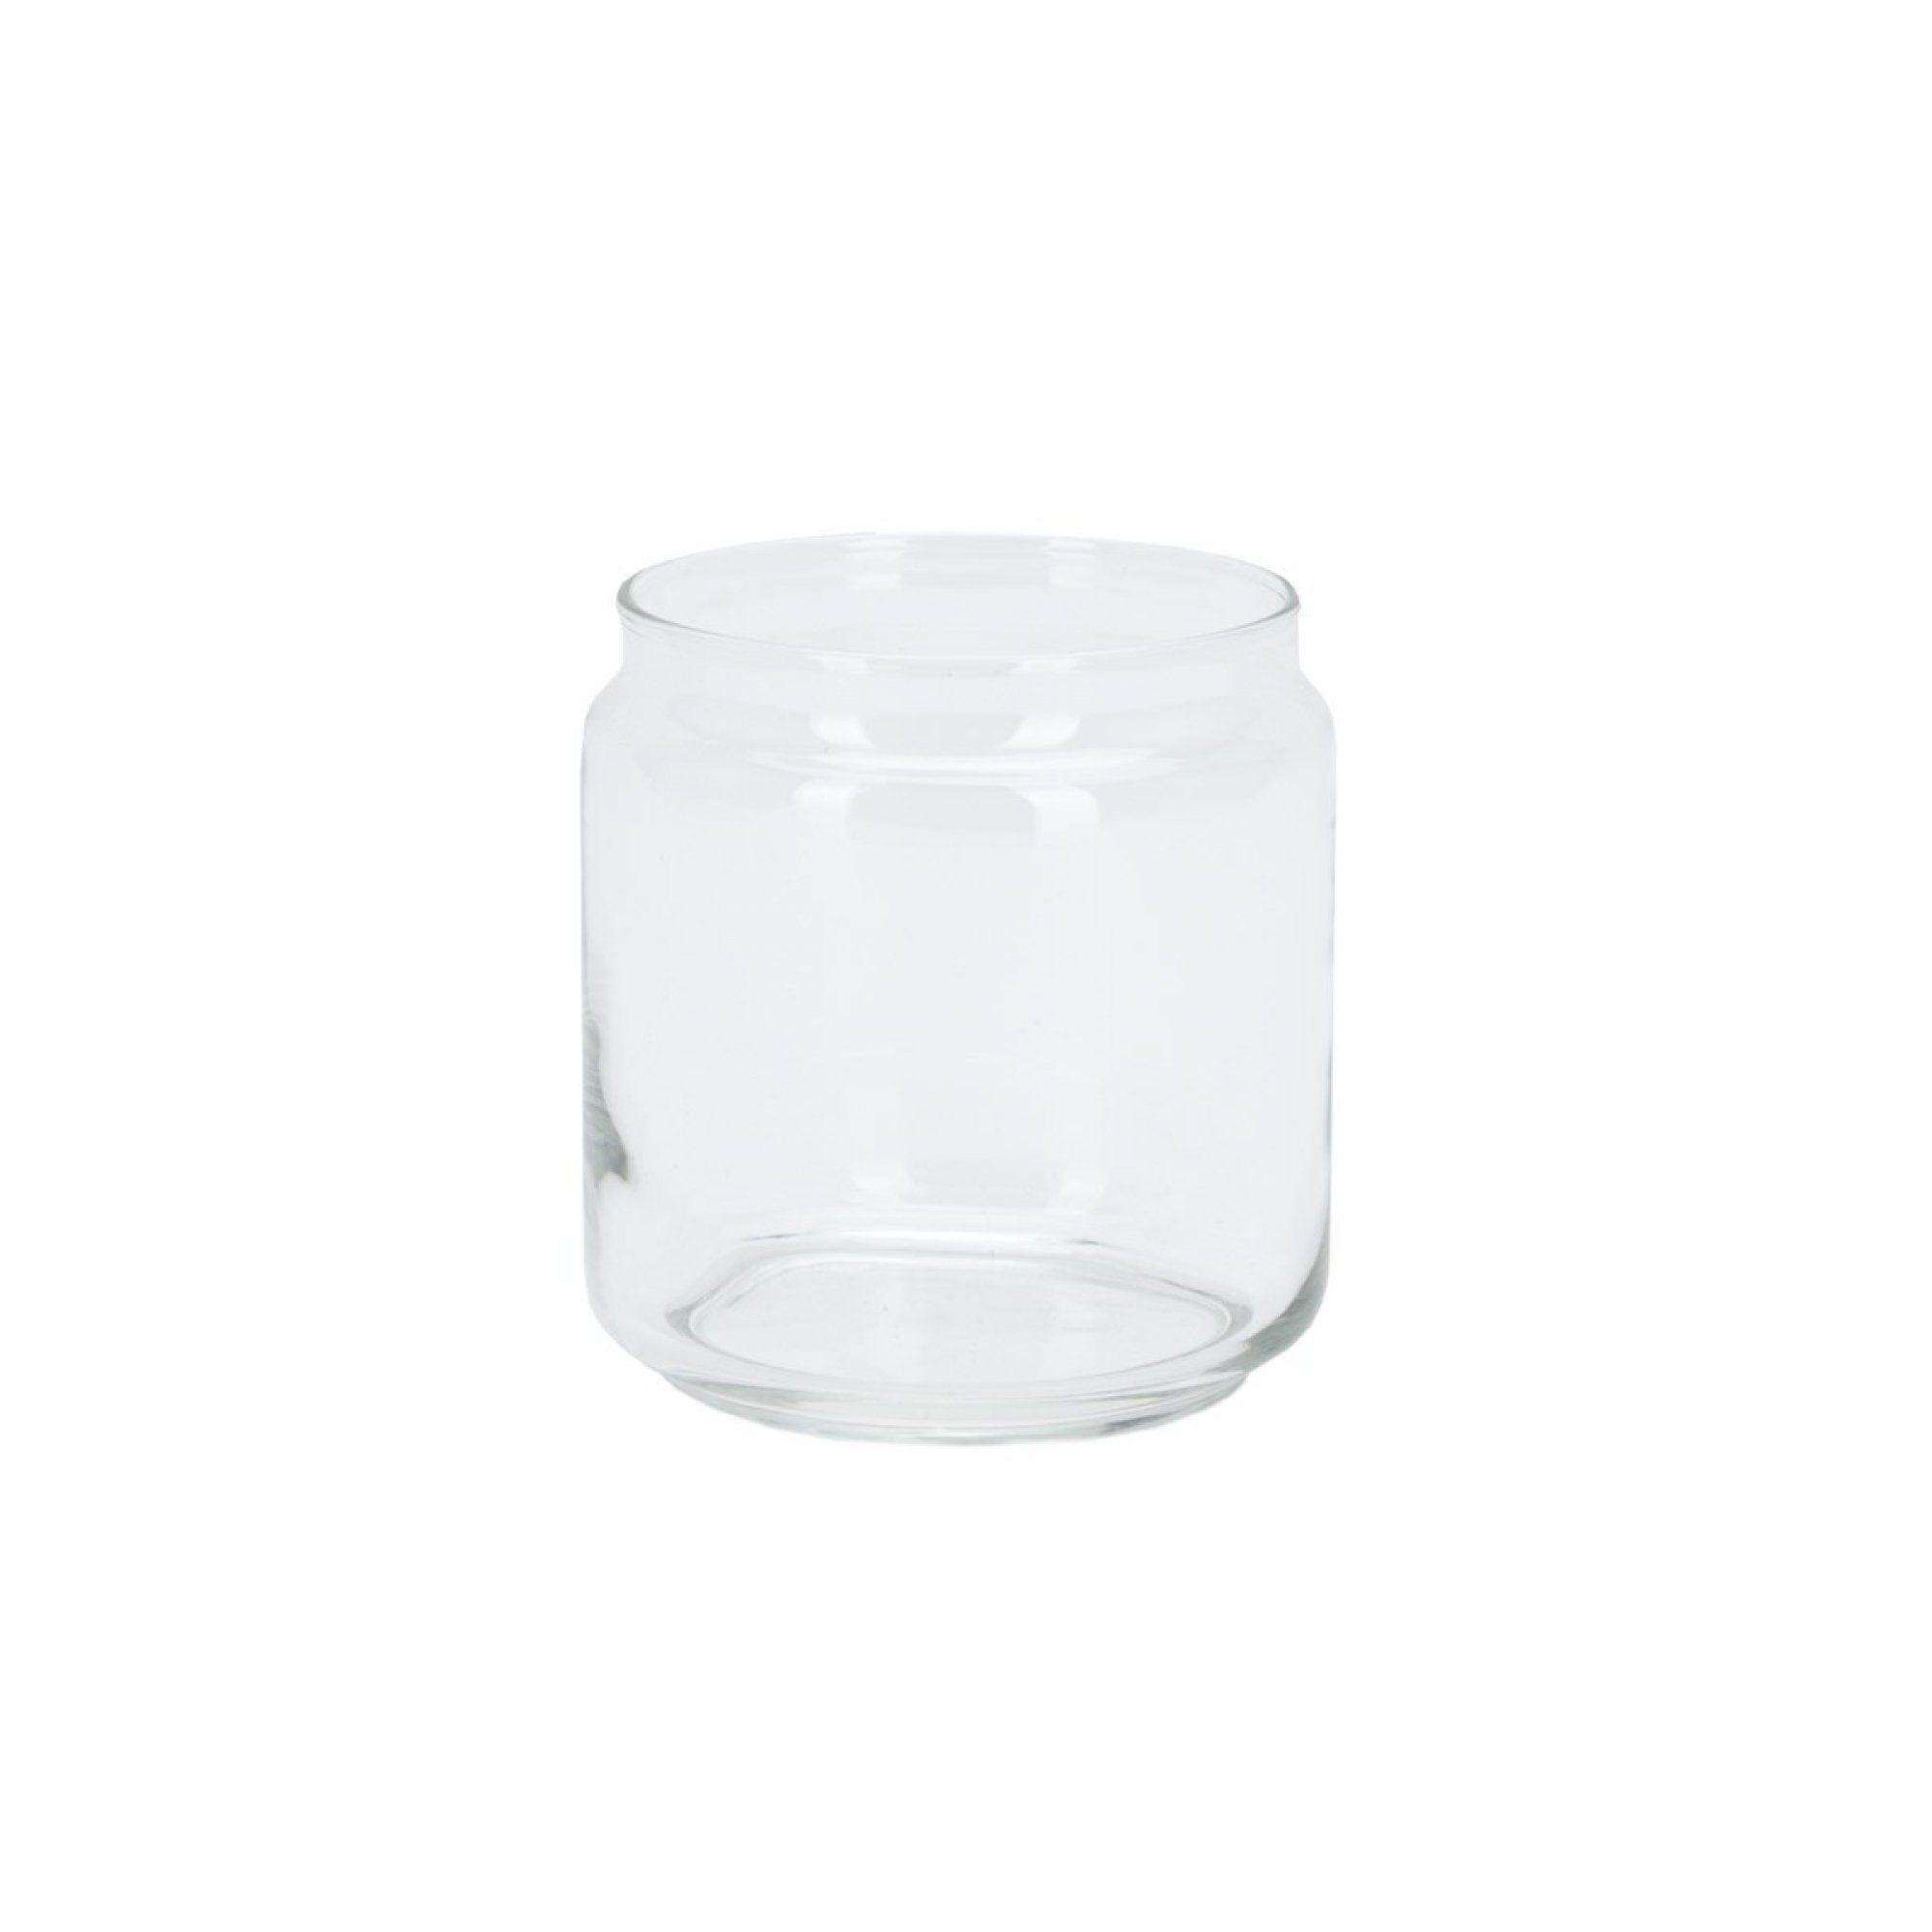 Alessi glas voor voorraadpot AMDR04, LC08